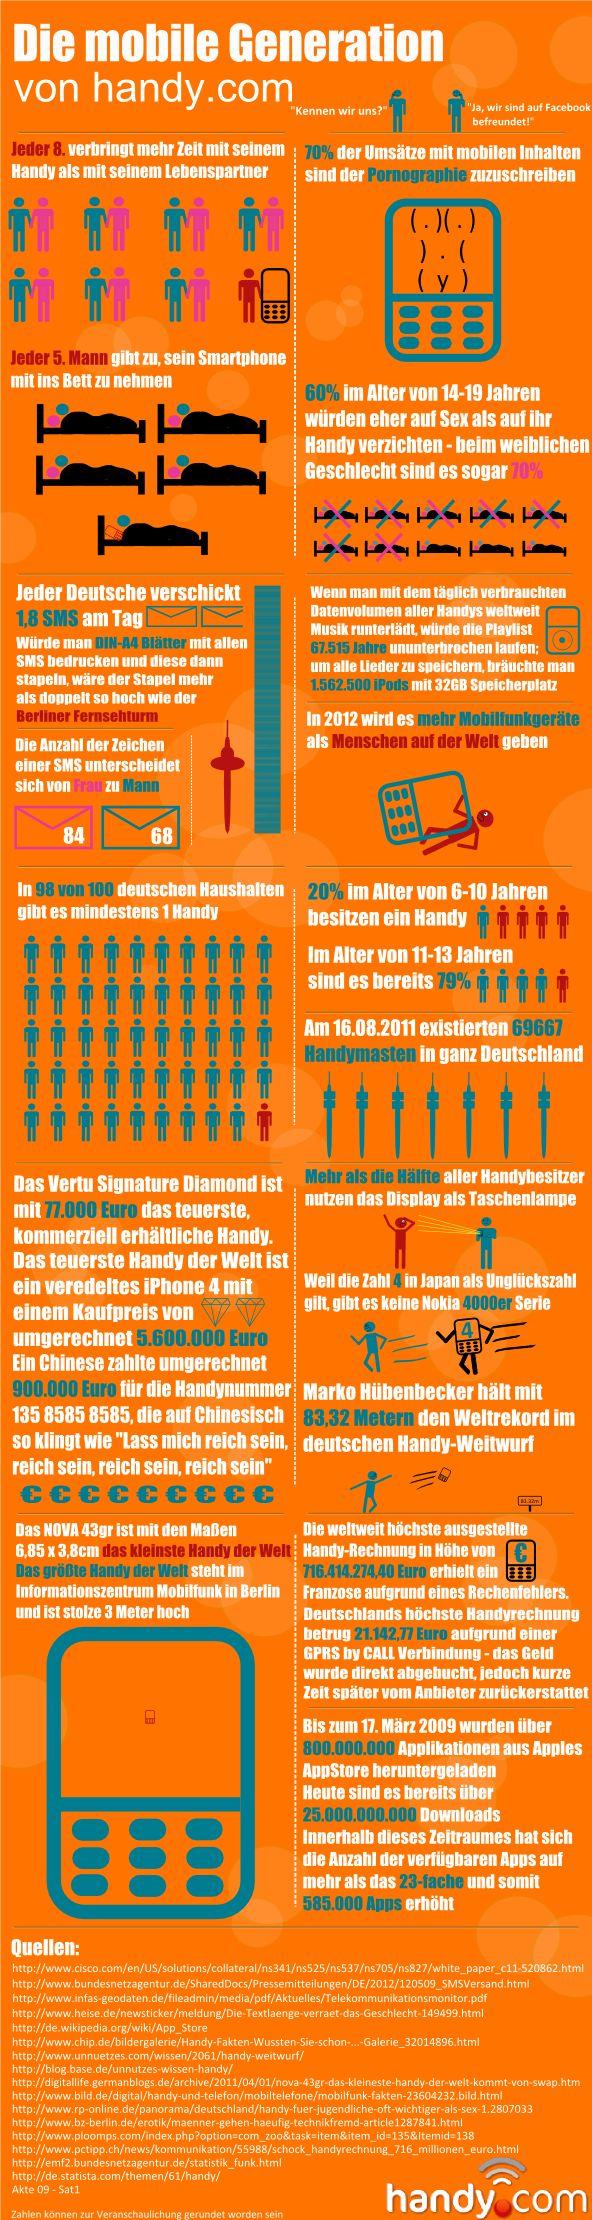 Ganz lustig ... Die Mobile Generation :: Eine Infografik von handy.com